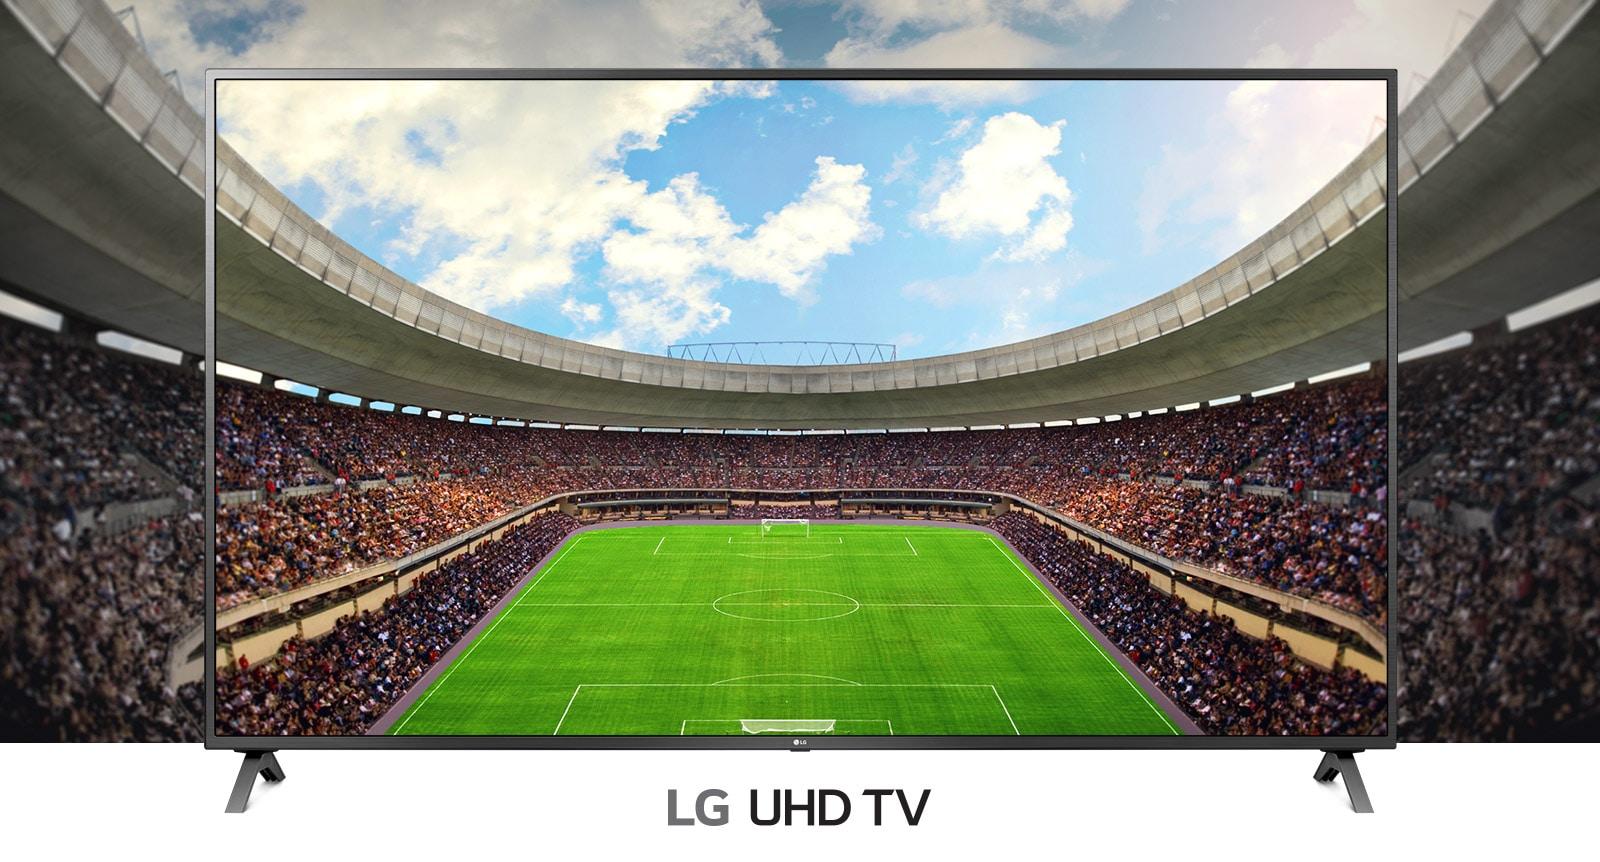 Một cái nhìn toàn cảnh của sân vận động bóng đá đầy khán giả được hiển thị bên trong một khung truyền hình.